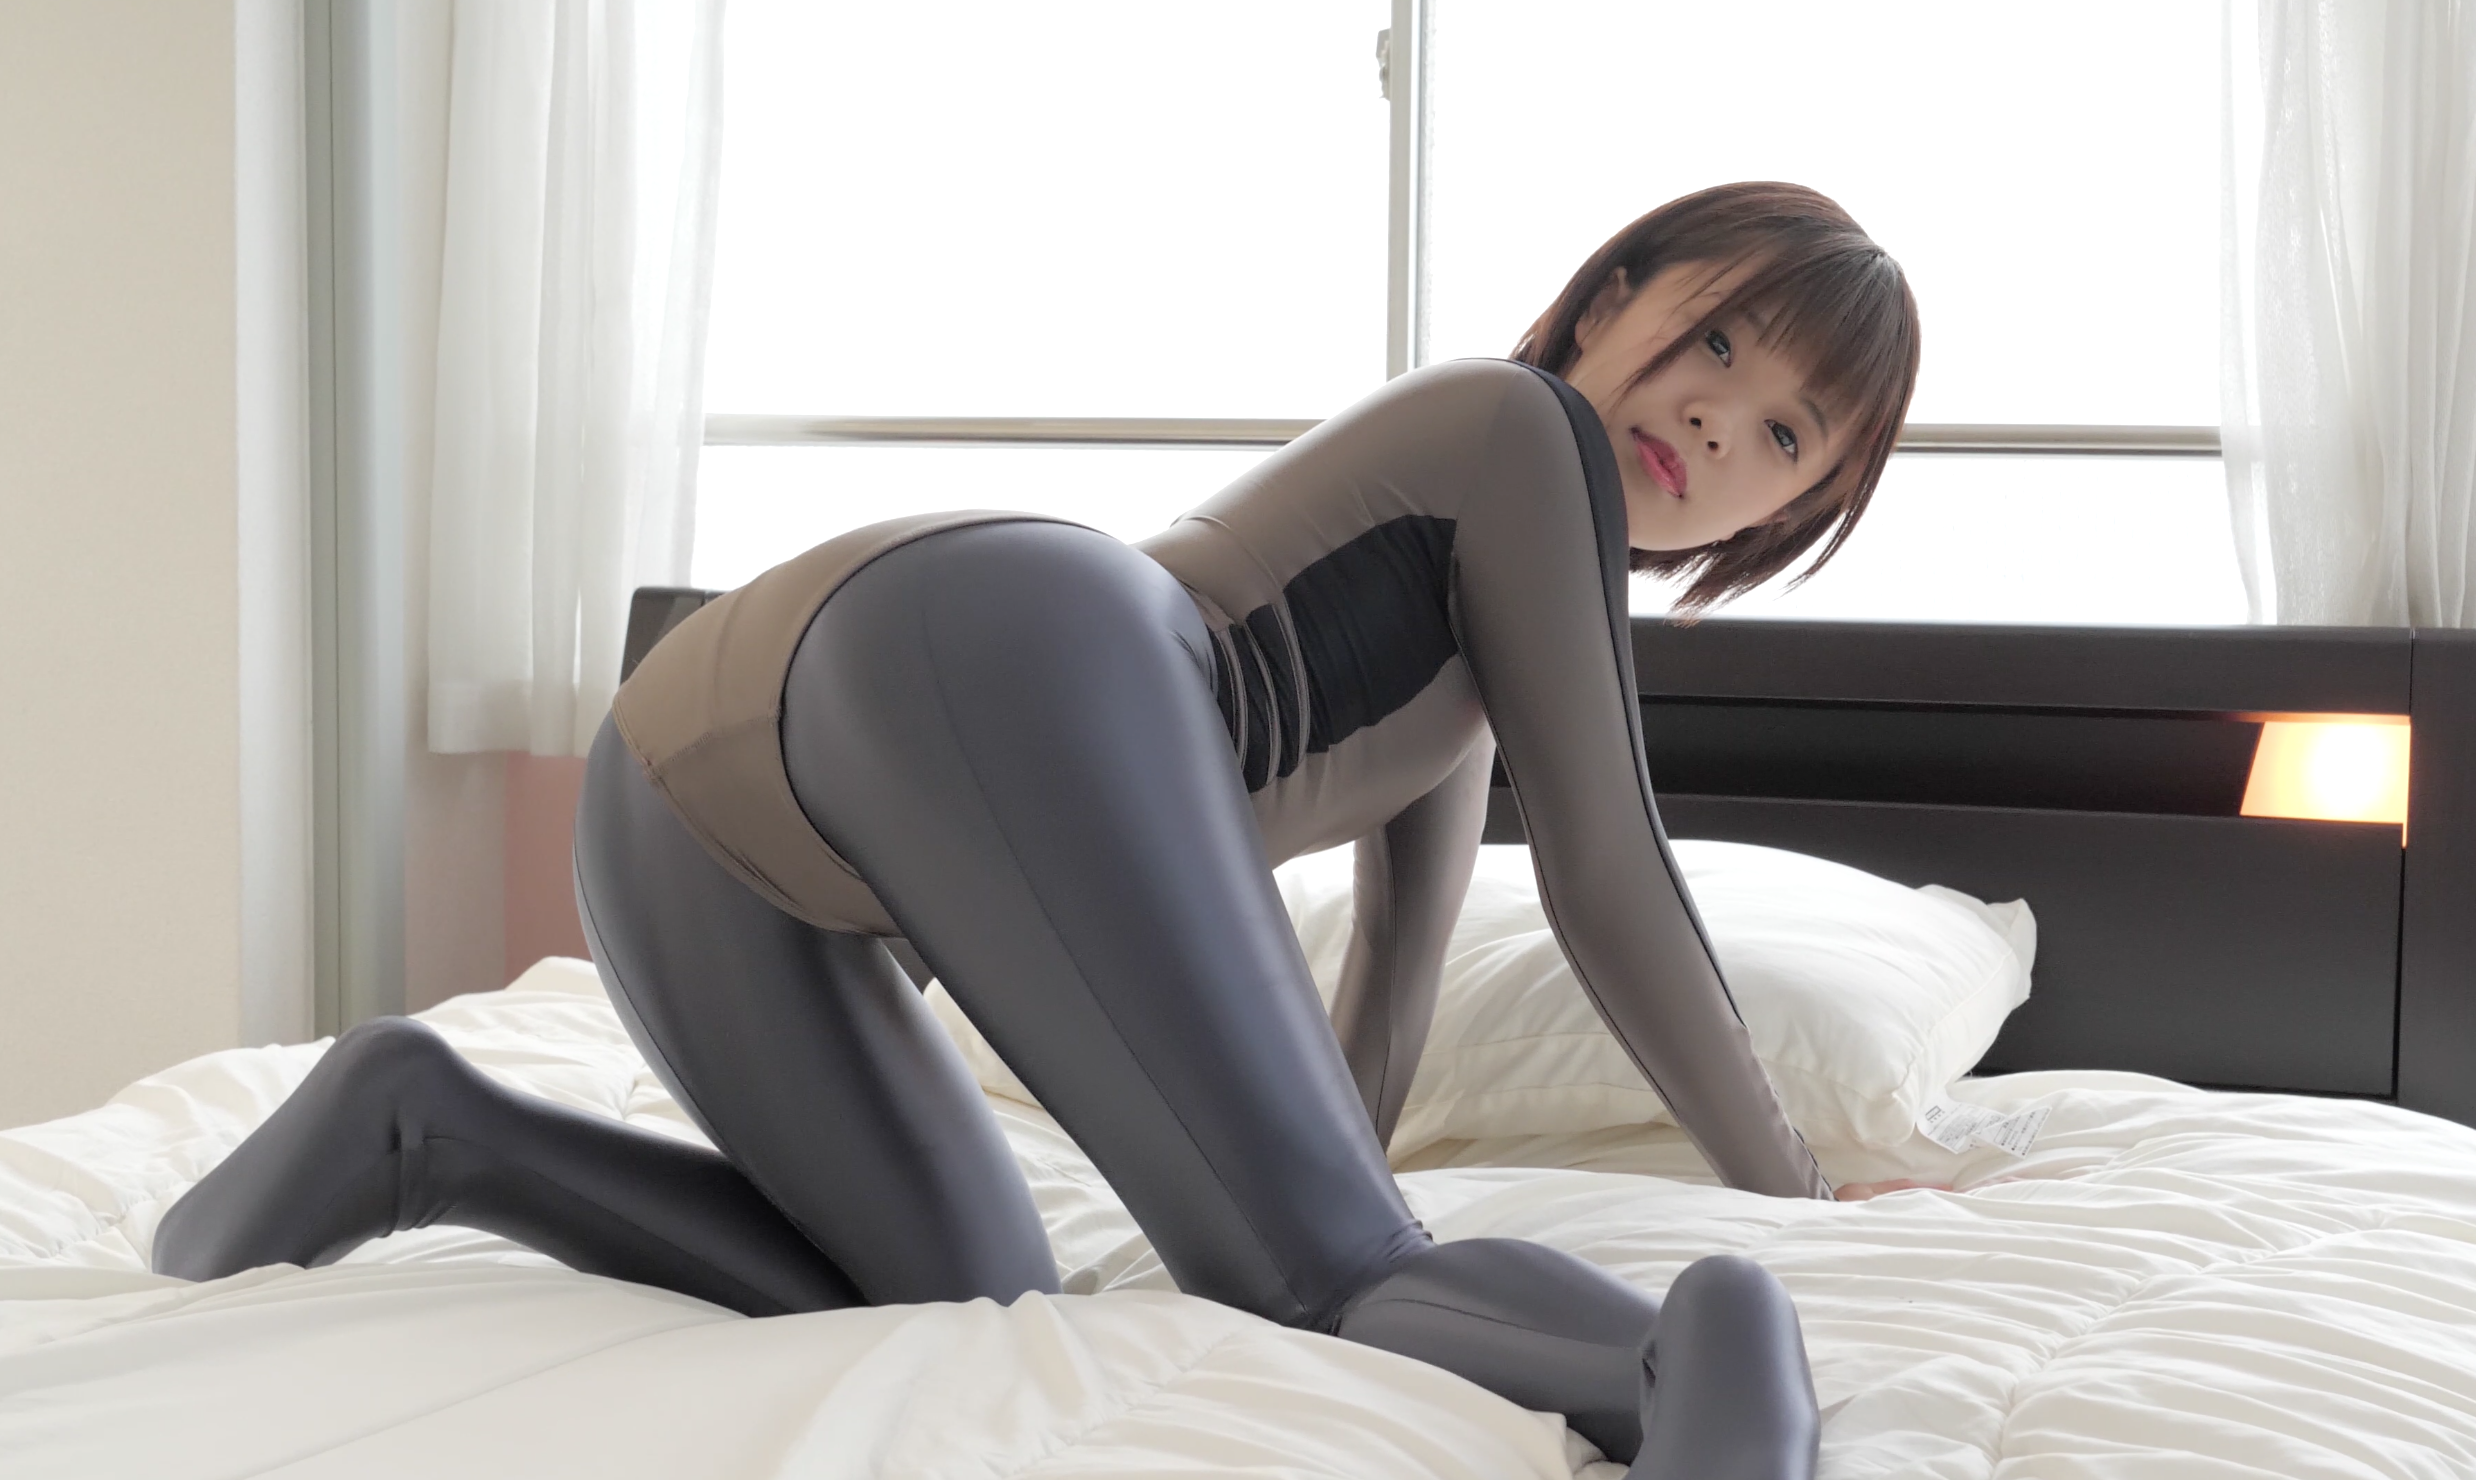 【M男くすぐり】人気女優 星咲凛ちゃんのM男くすぐり地獄!